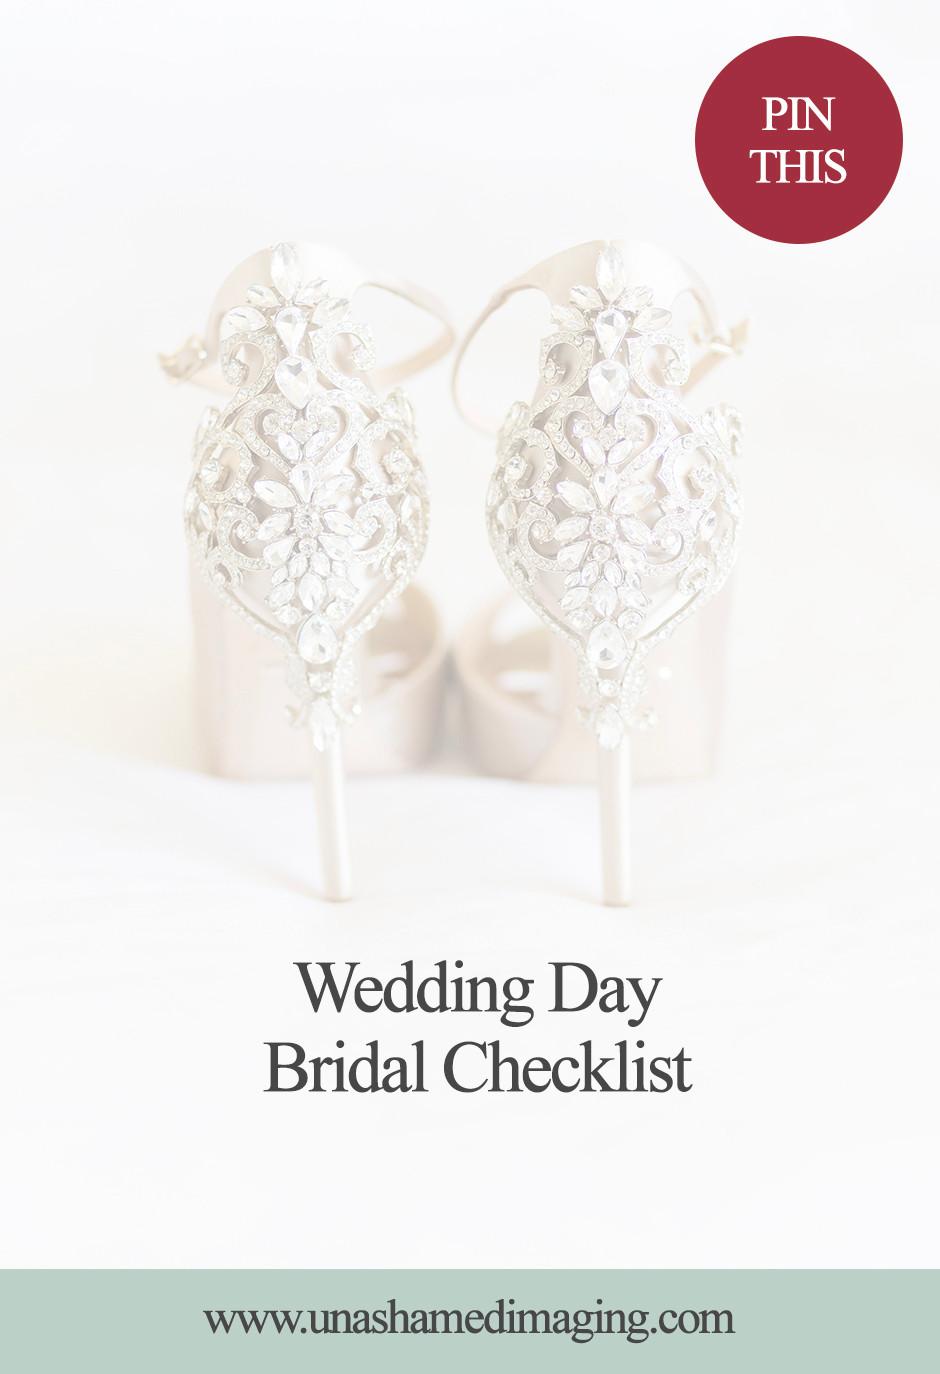 Wedding Day Bridal Checklist